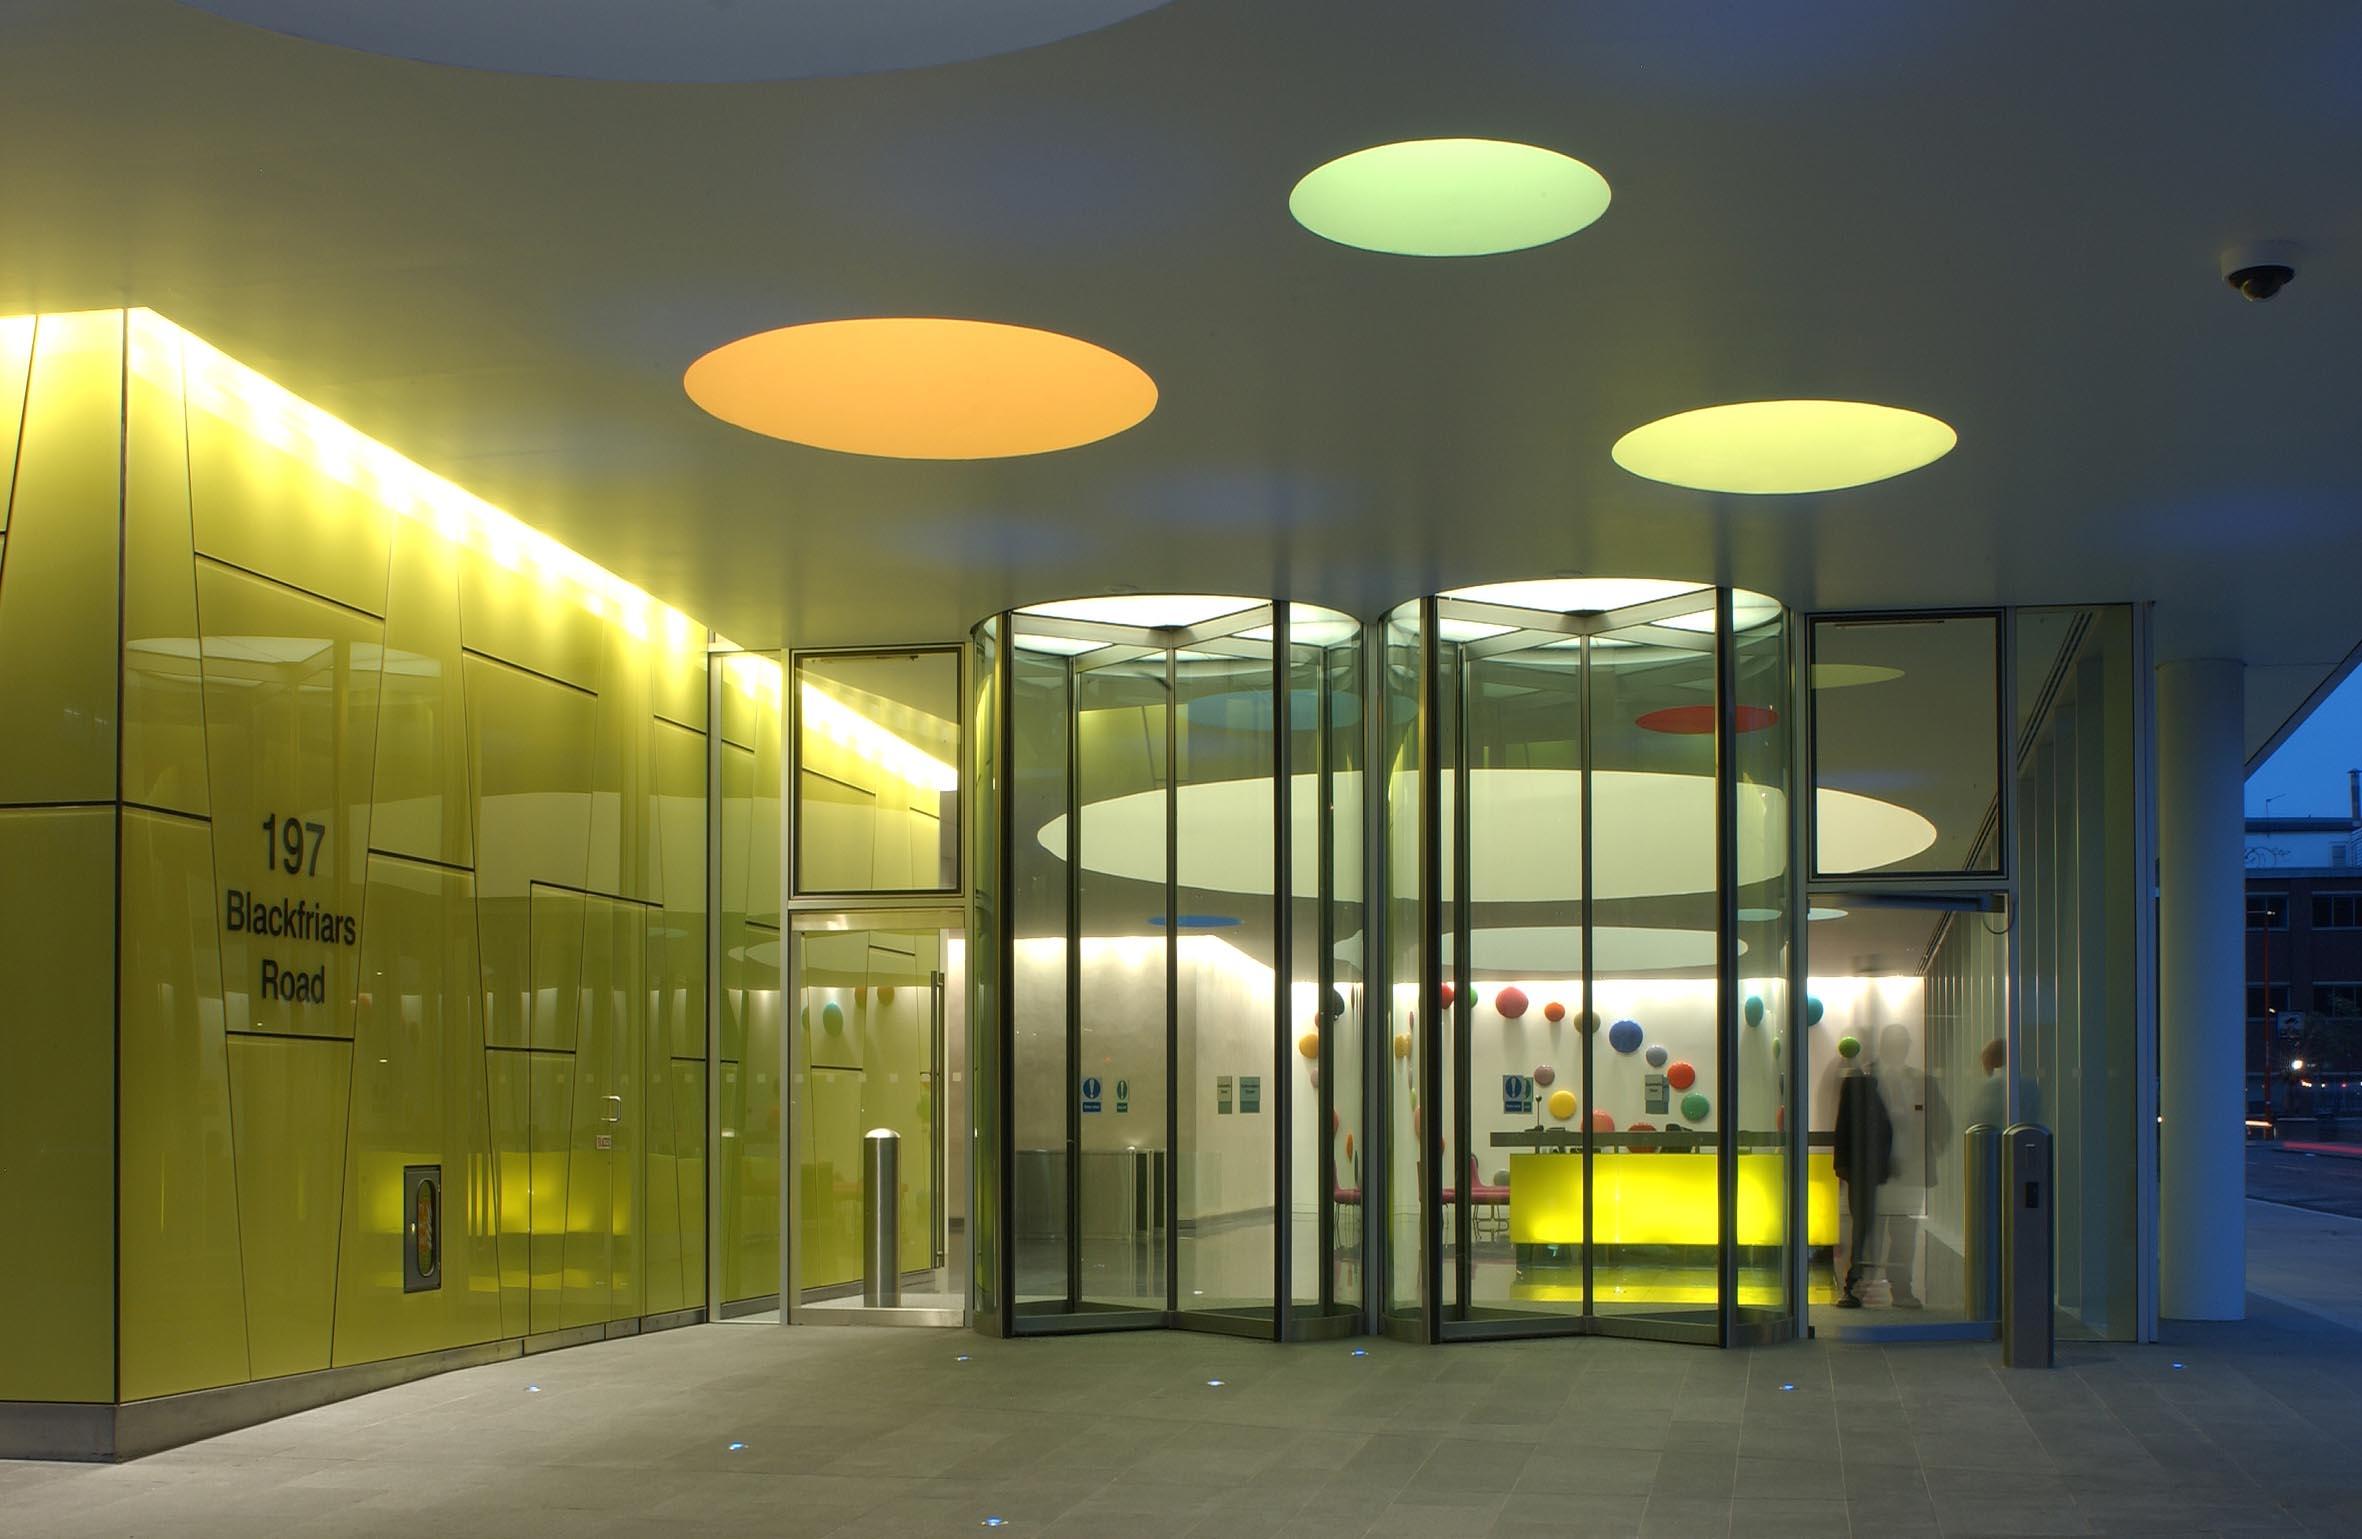 Palestra Entrance Lobby, London Uk